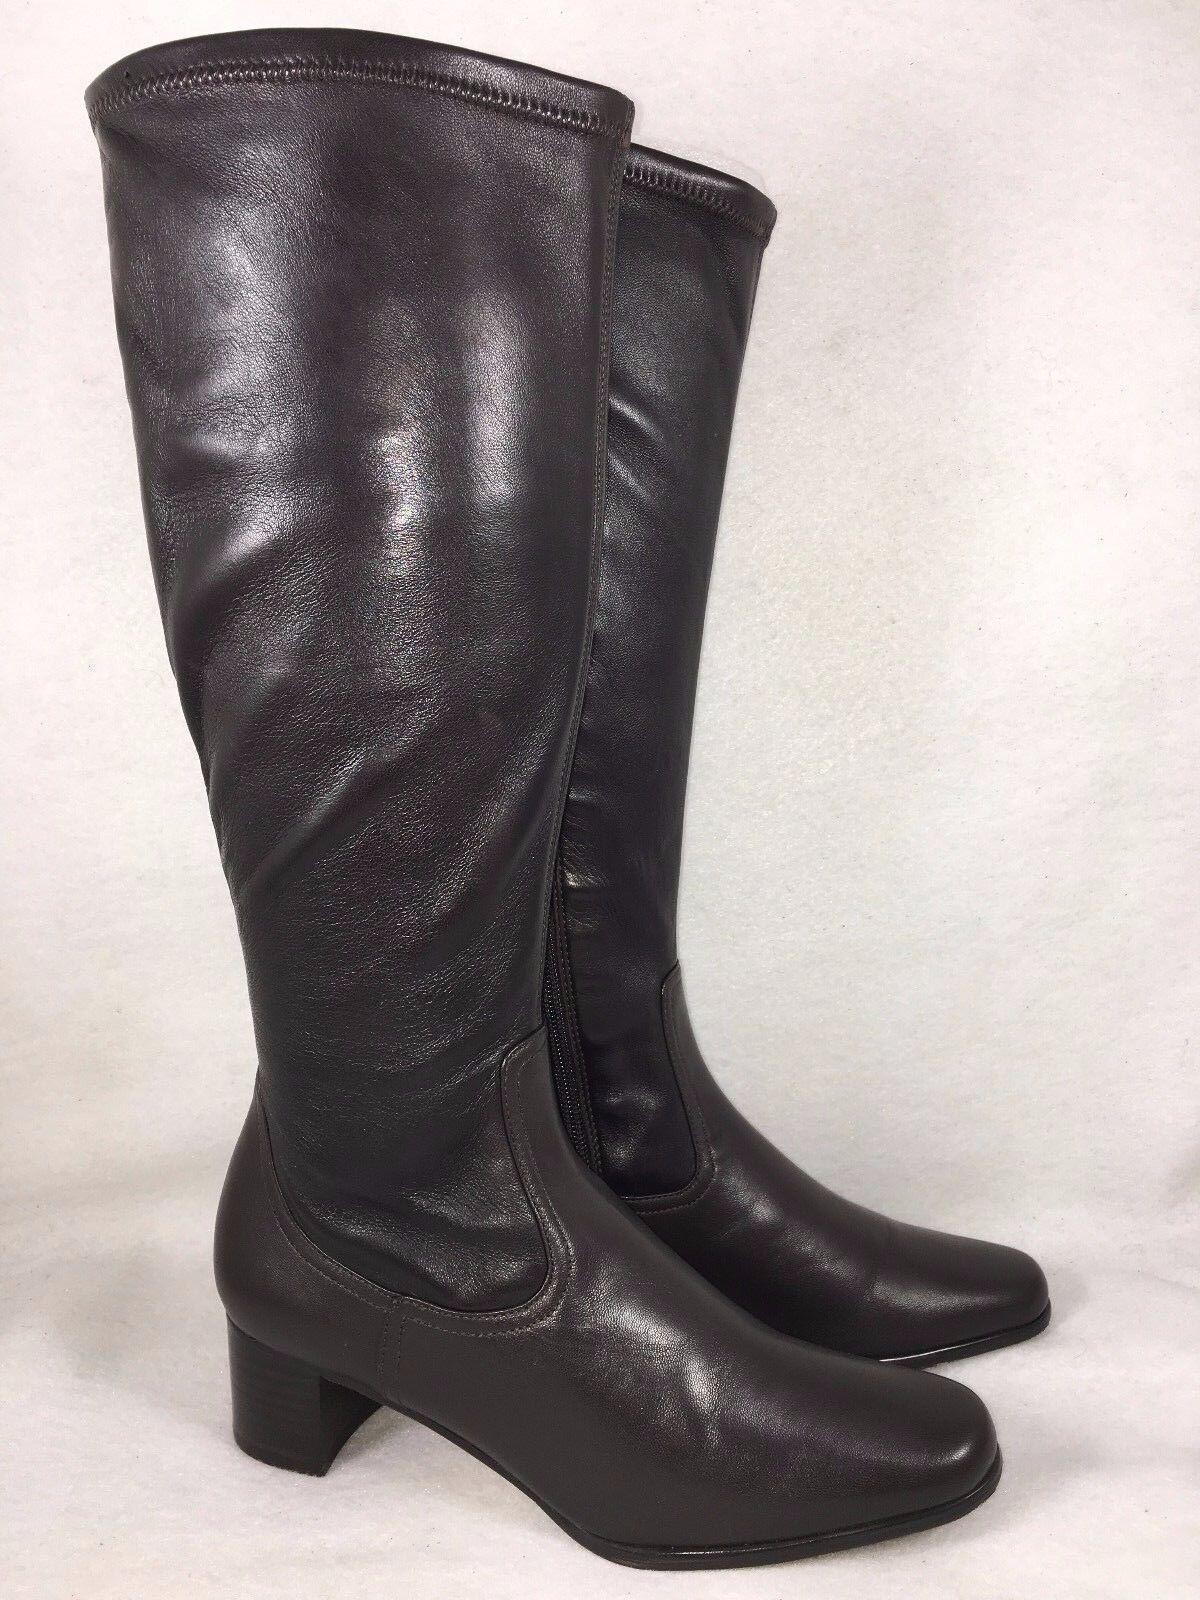 buona reputazione Vaneli Tobago Rich Soft Nappa Italian Leather Heels Heels Heels Marrone nero multiple Dimensiones  più preferenziale